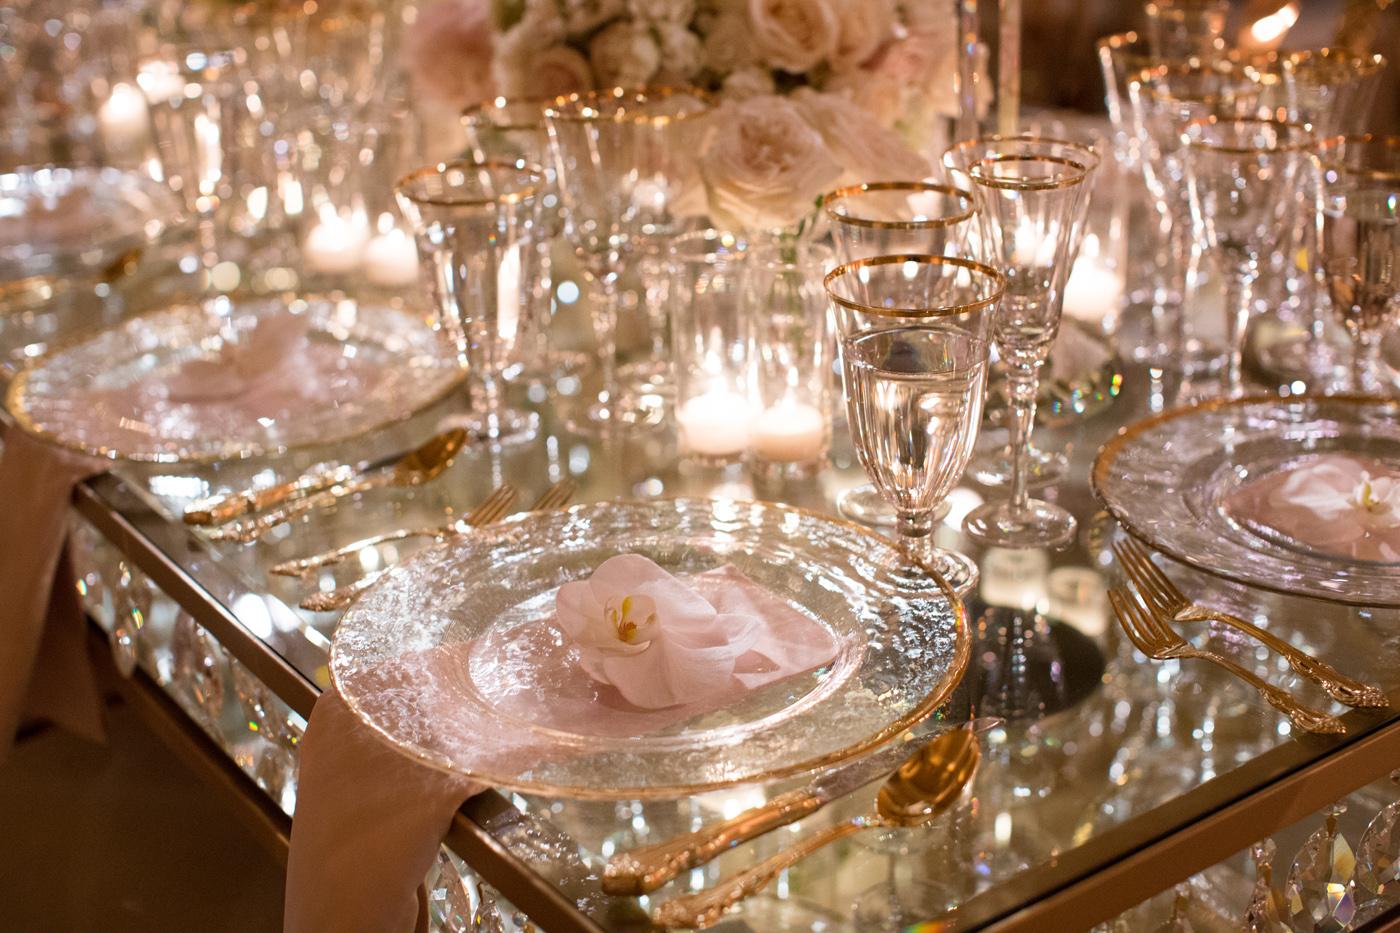 086_DukePhotography_DukeImages_Wedding_Details.jpg